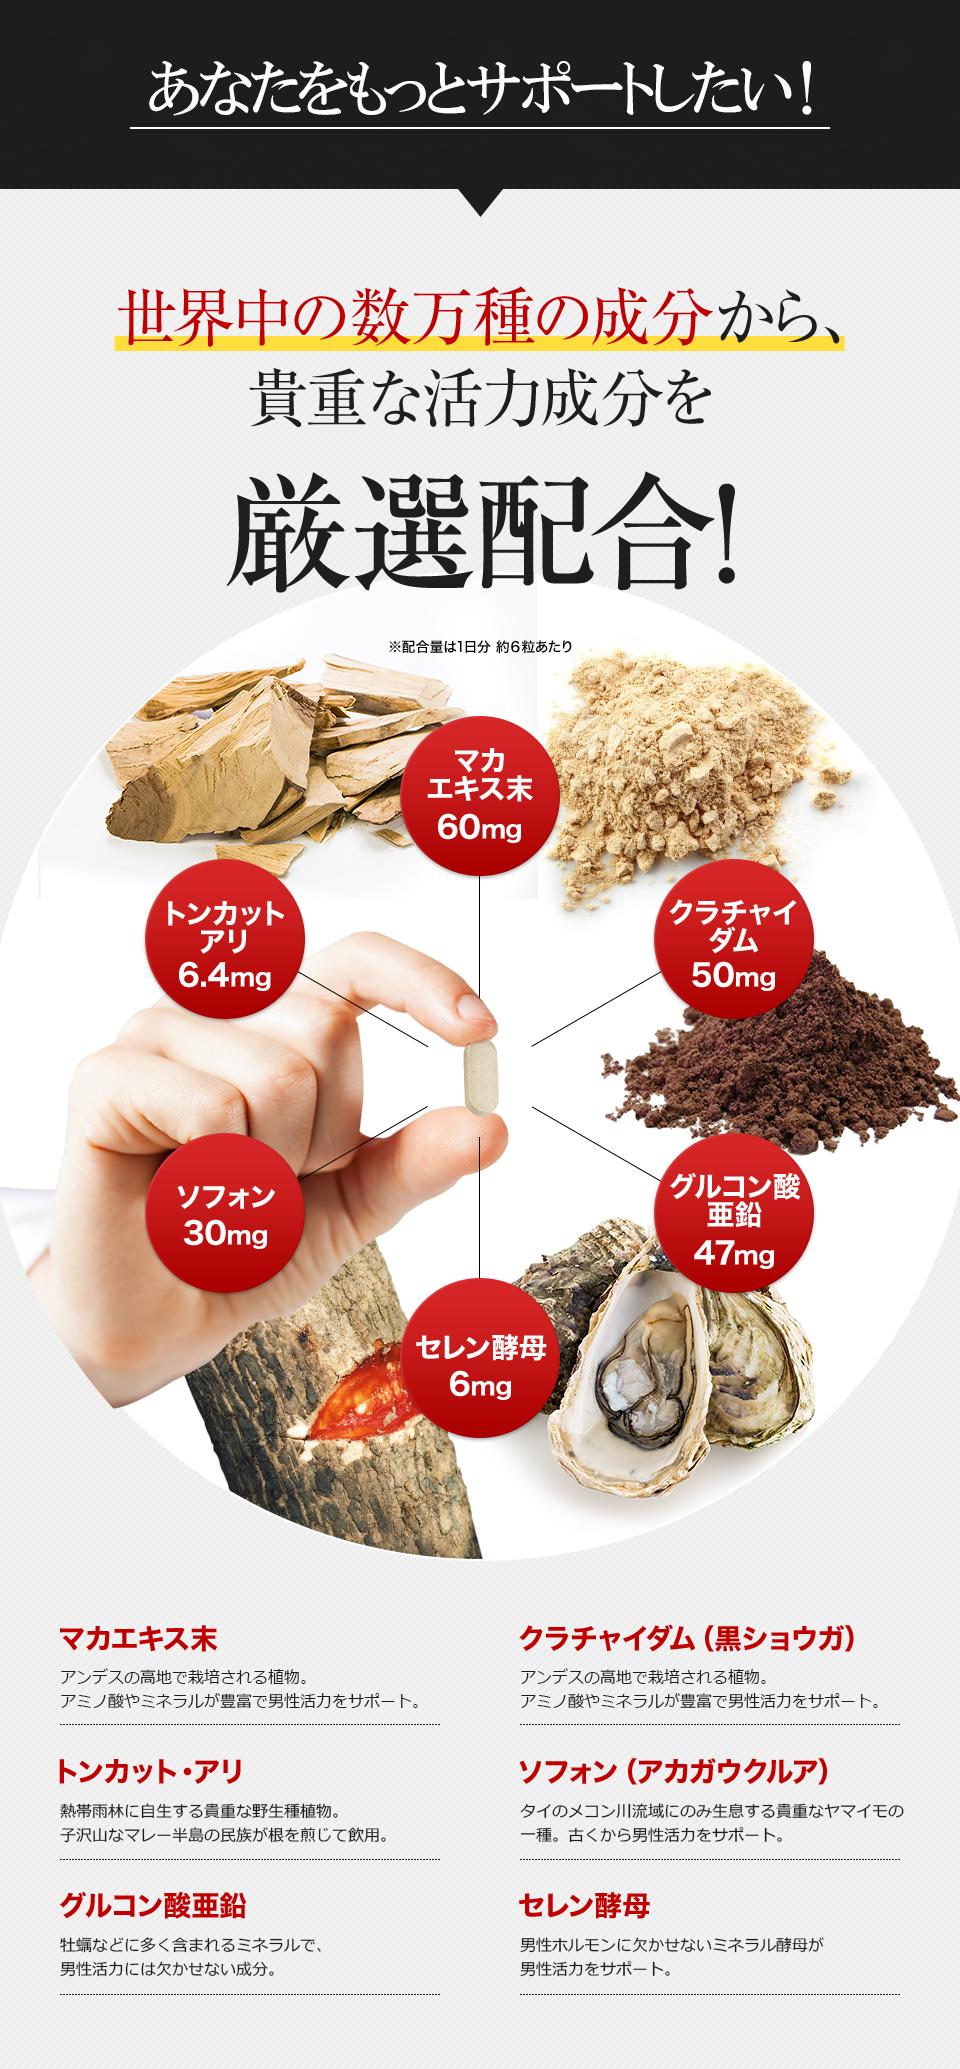 マカエキス末、トンカットアリ、クラチャイダム、ソフォン、セレン酵母、グルコン酸亜鉛などの男性に人気のサプリメントを配合